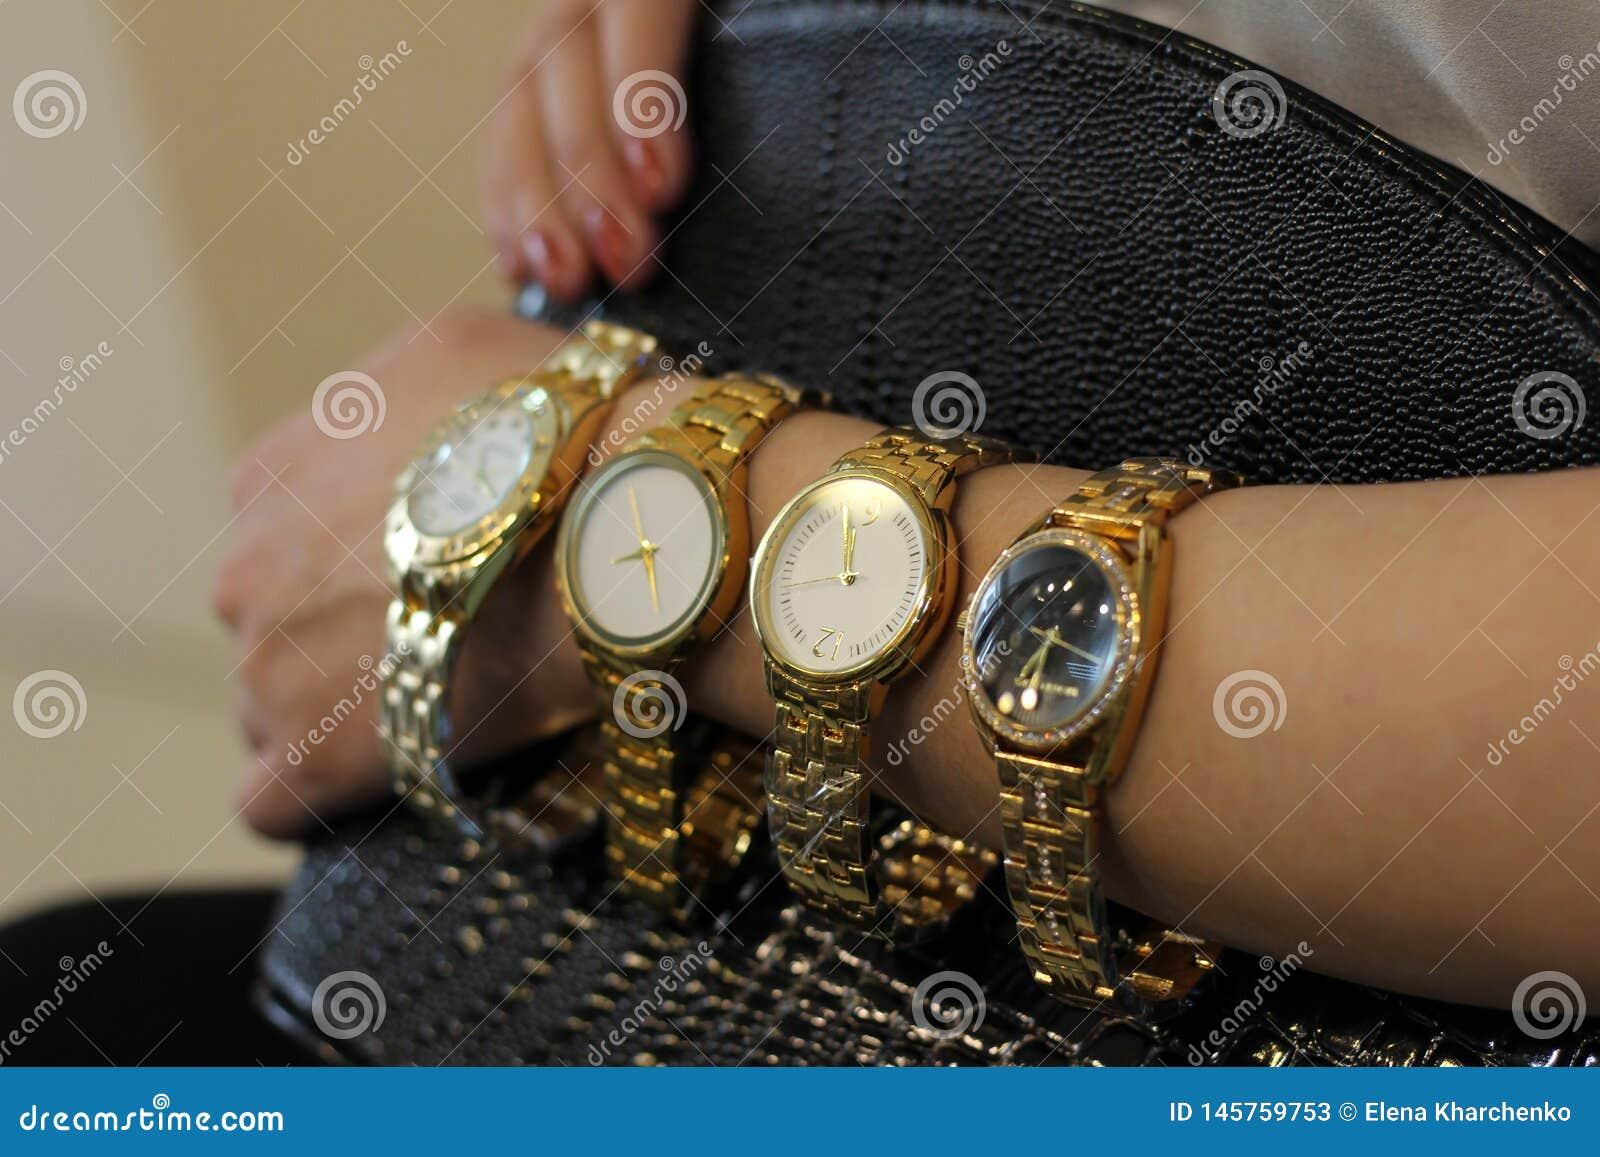 Beaucoup de montres la fille a sur sa main une montre d or